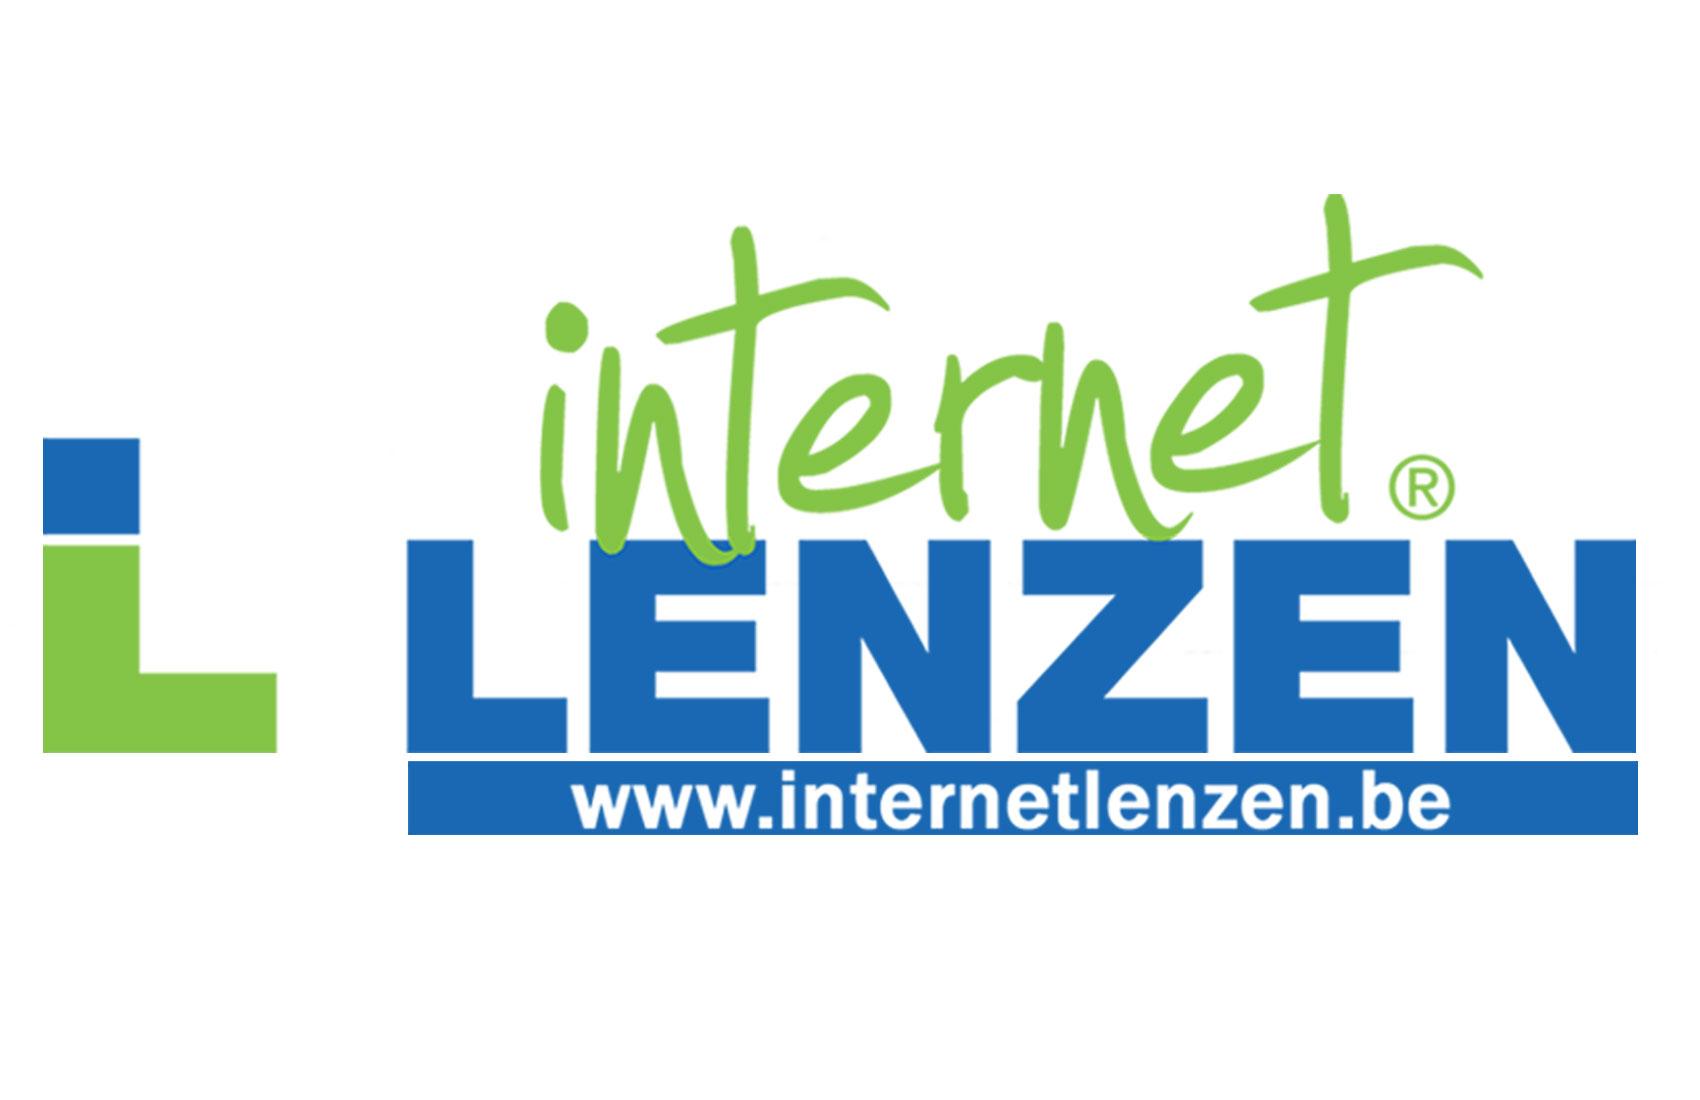 Internetlenzen.be